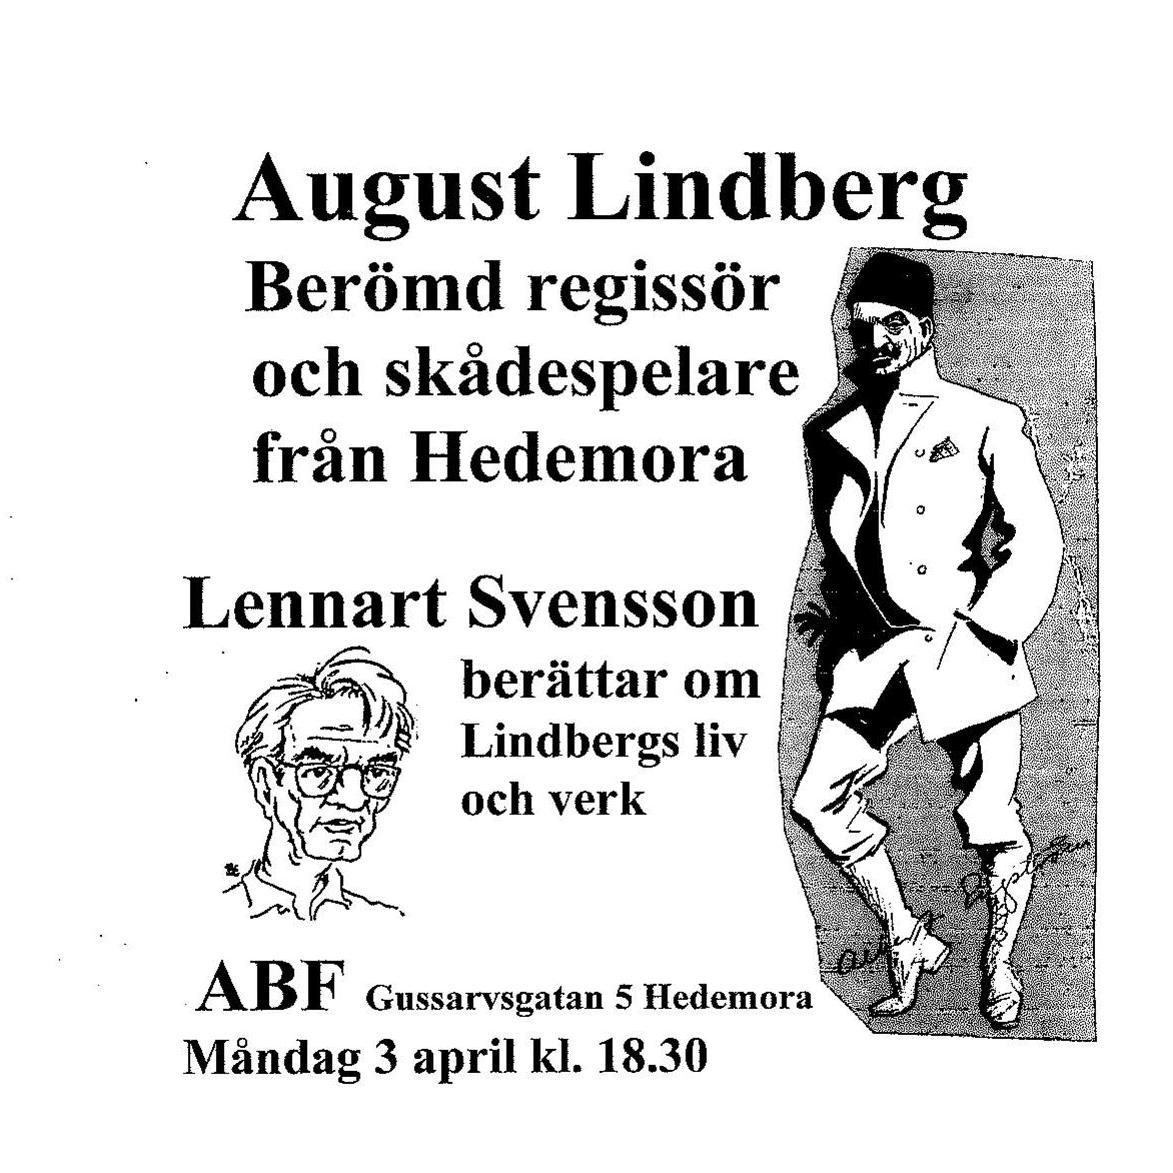 Lennart Svensson, Lennart Svensson berättar om August Lindberg